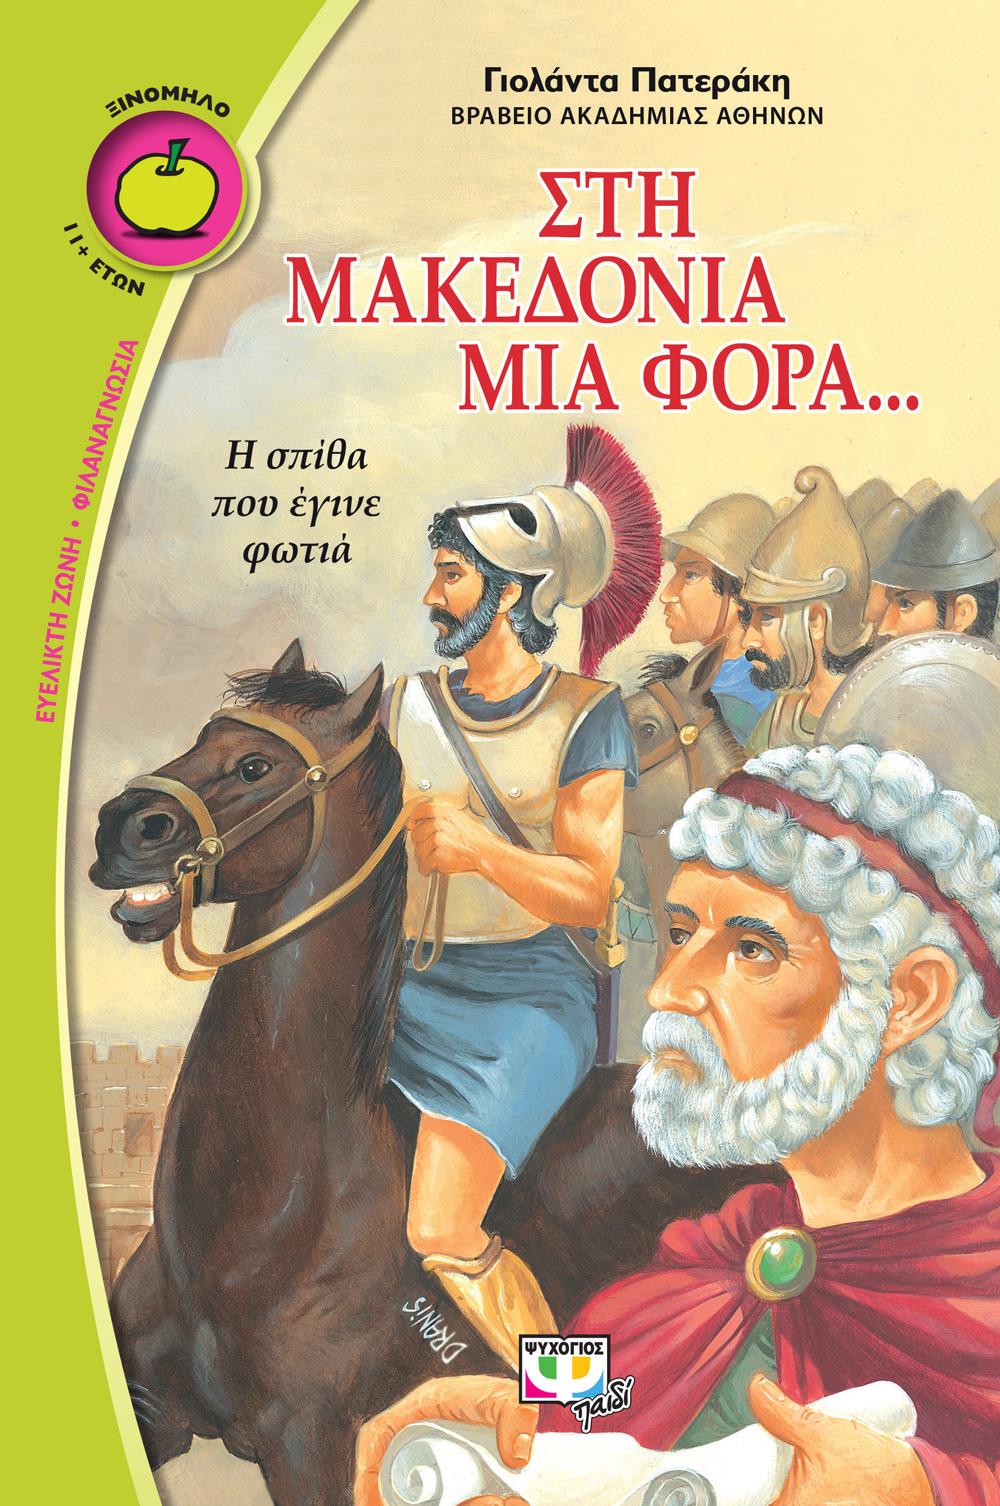 ΣΤΗ ΜΑΚΕΔΟΝΙΑ ΜΙΑ ΦΟΡΑ - ΓΙΟΛΑΝΤΑ ΠΑΤΕΡΑΚΗ